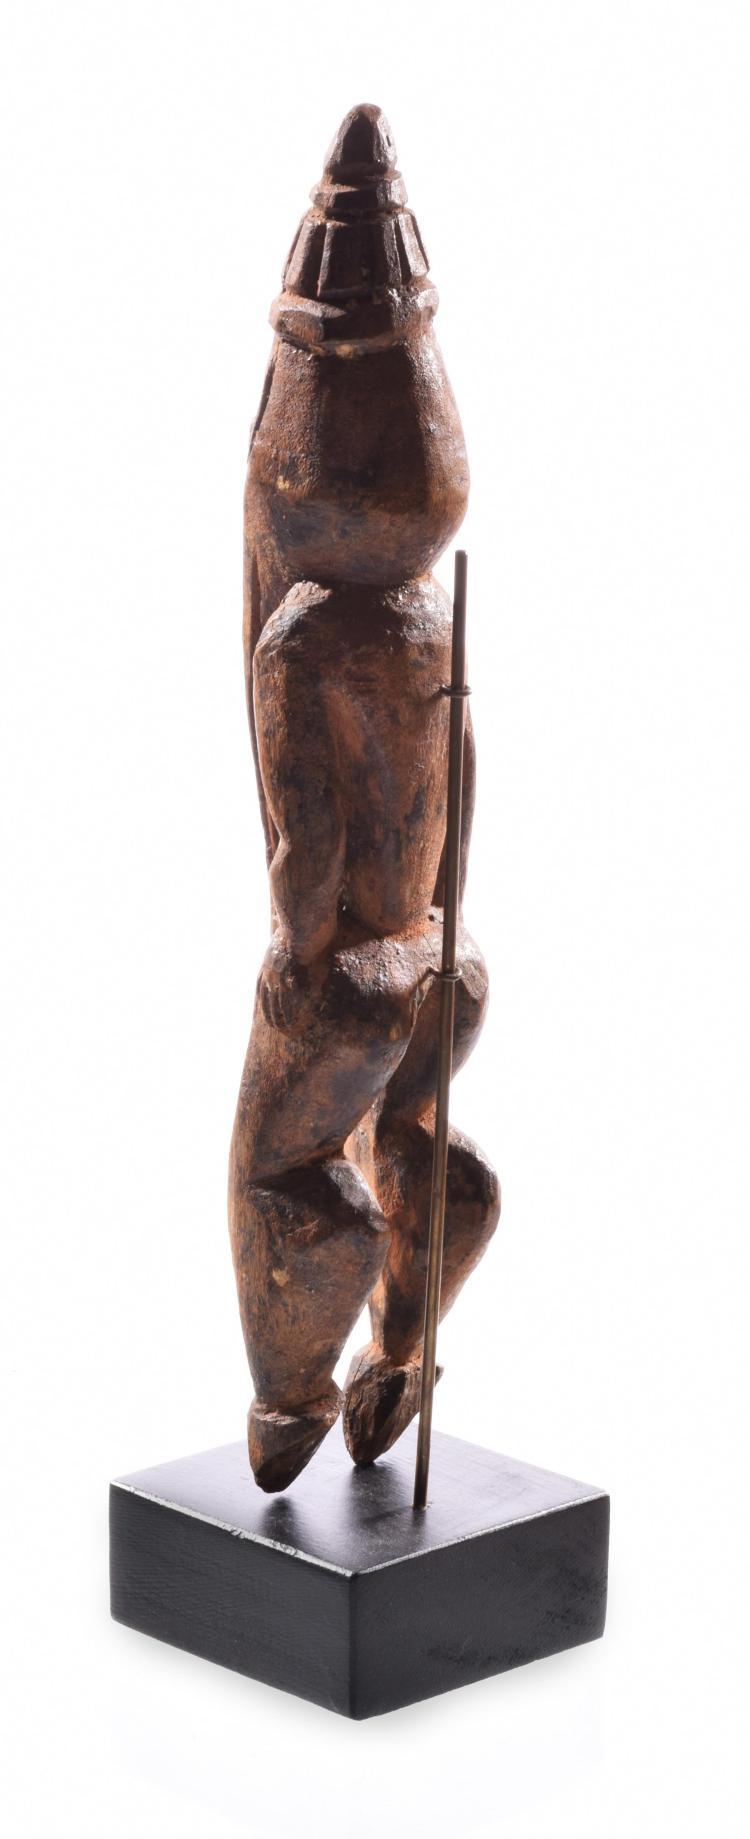 Fetish Figure 17